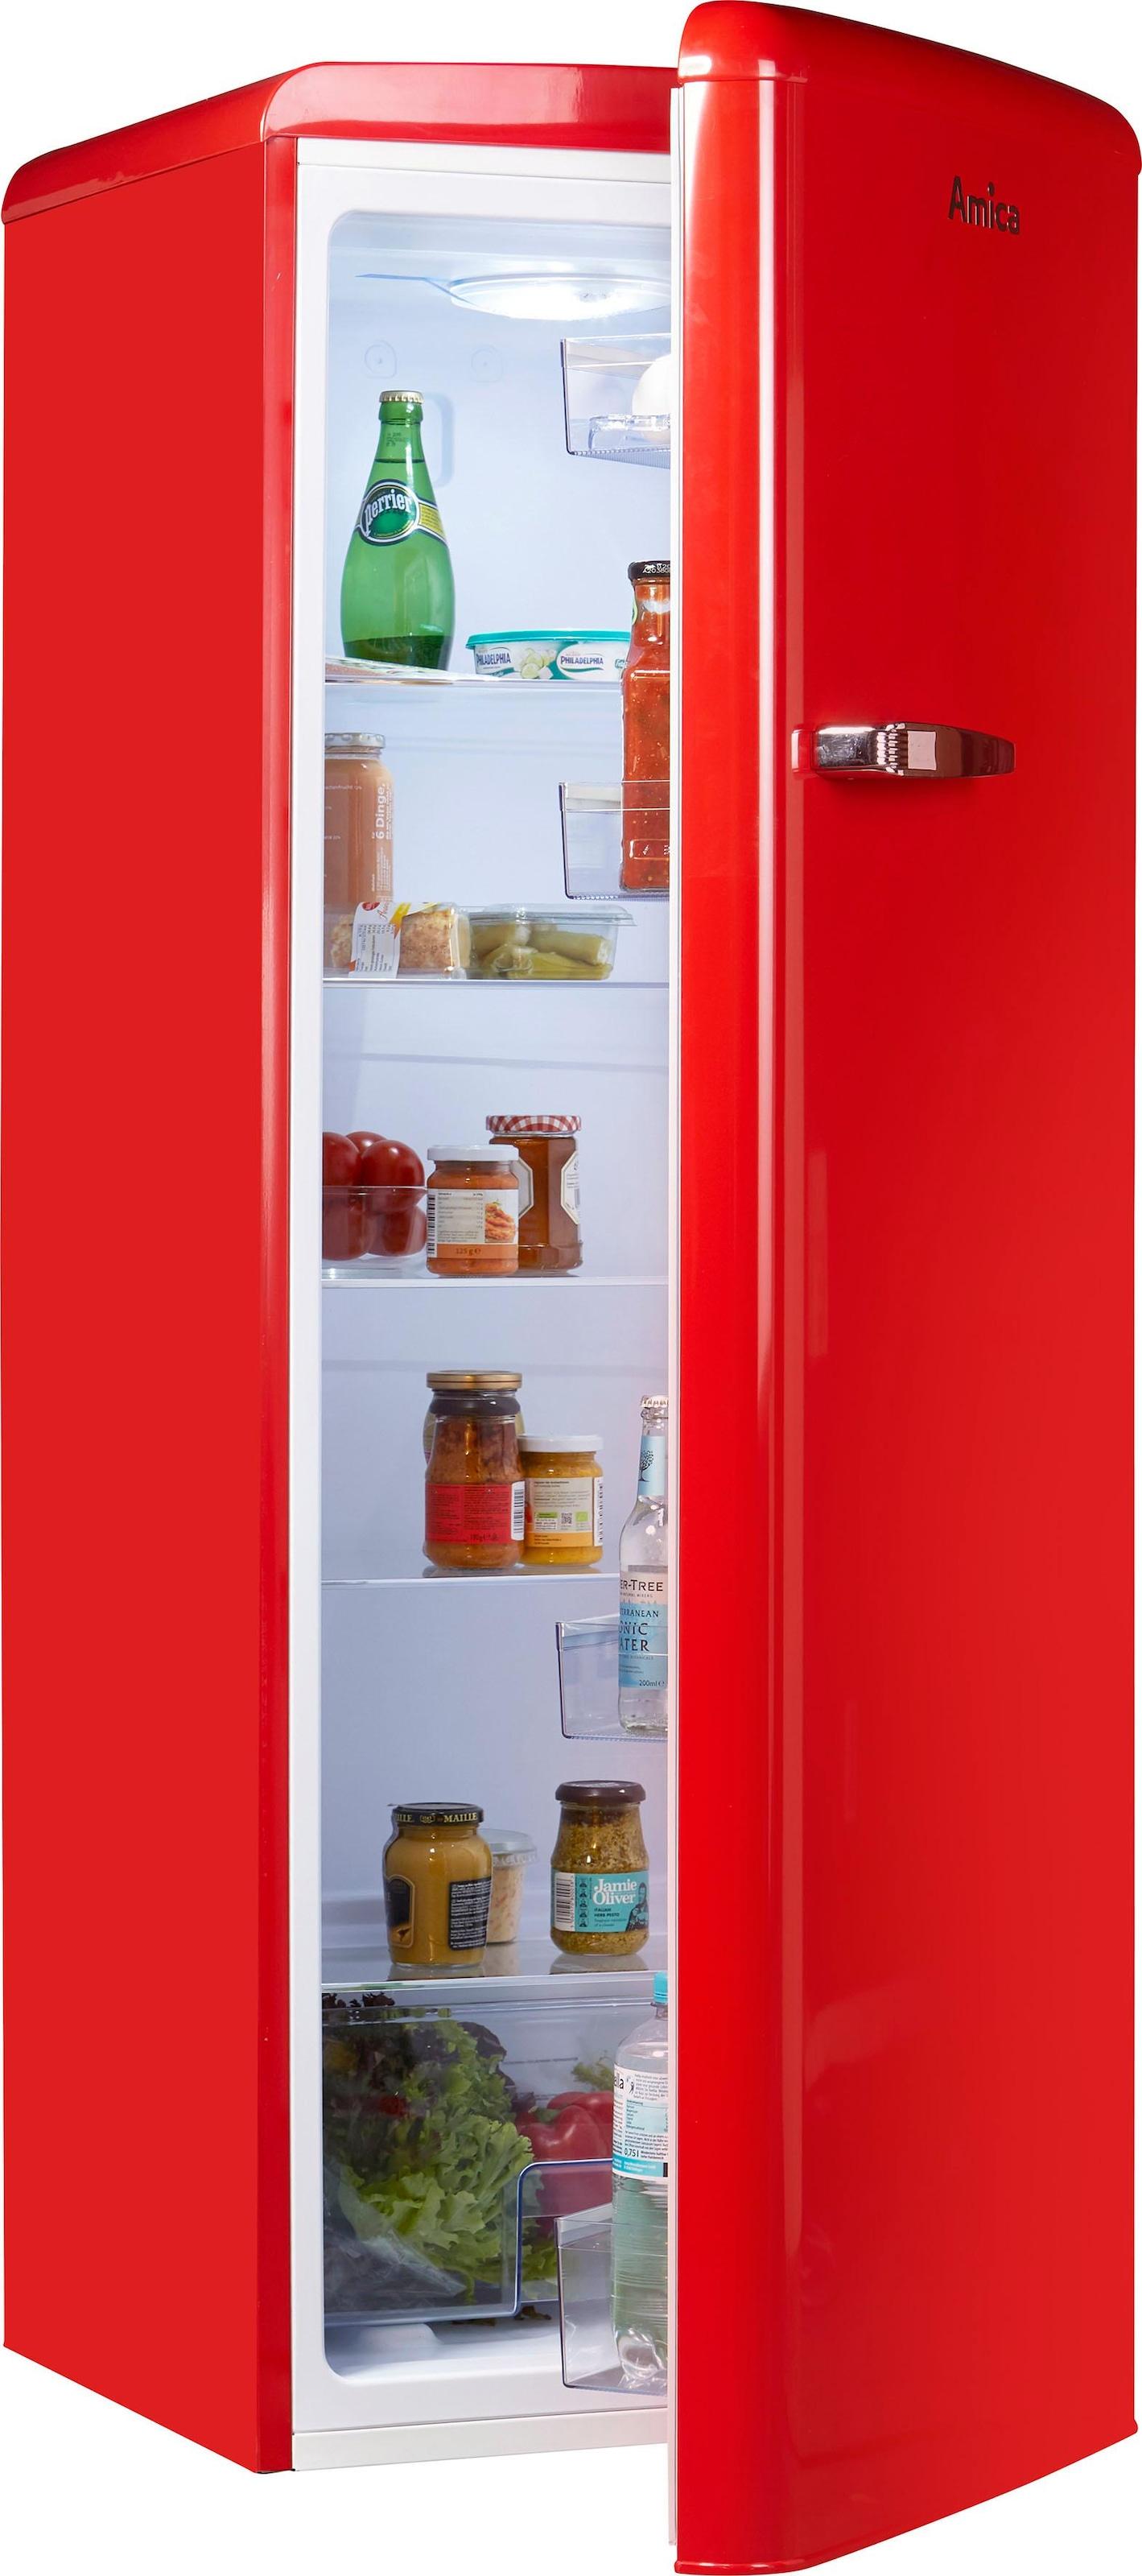 Amica Kühlschrank 55 Cm : Amica kühlschrank cm hoch cm breit baur